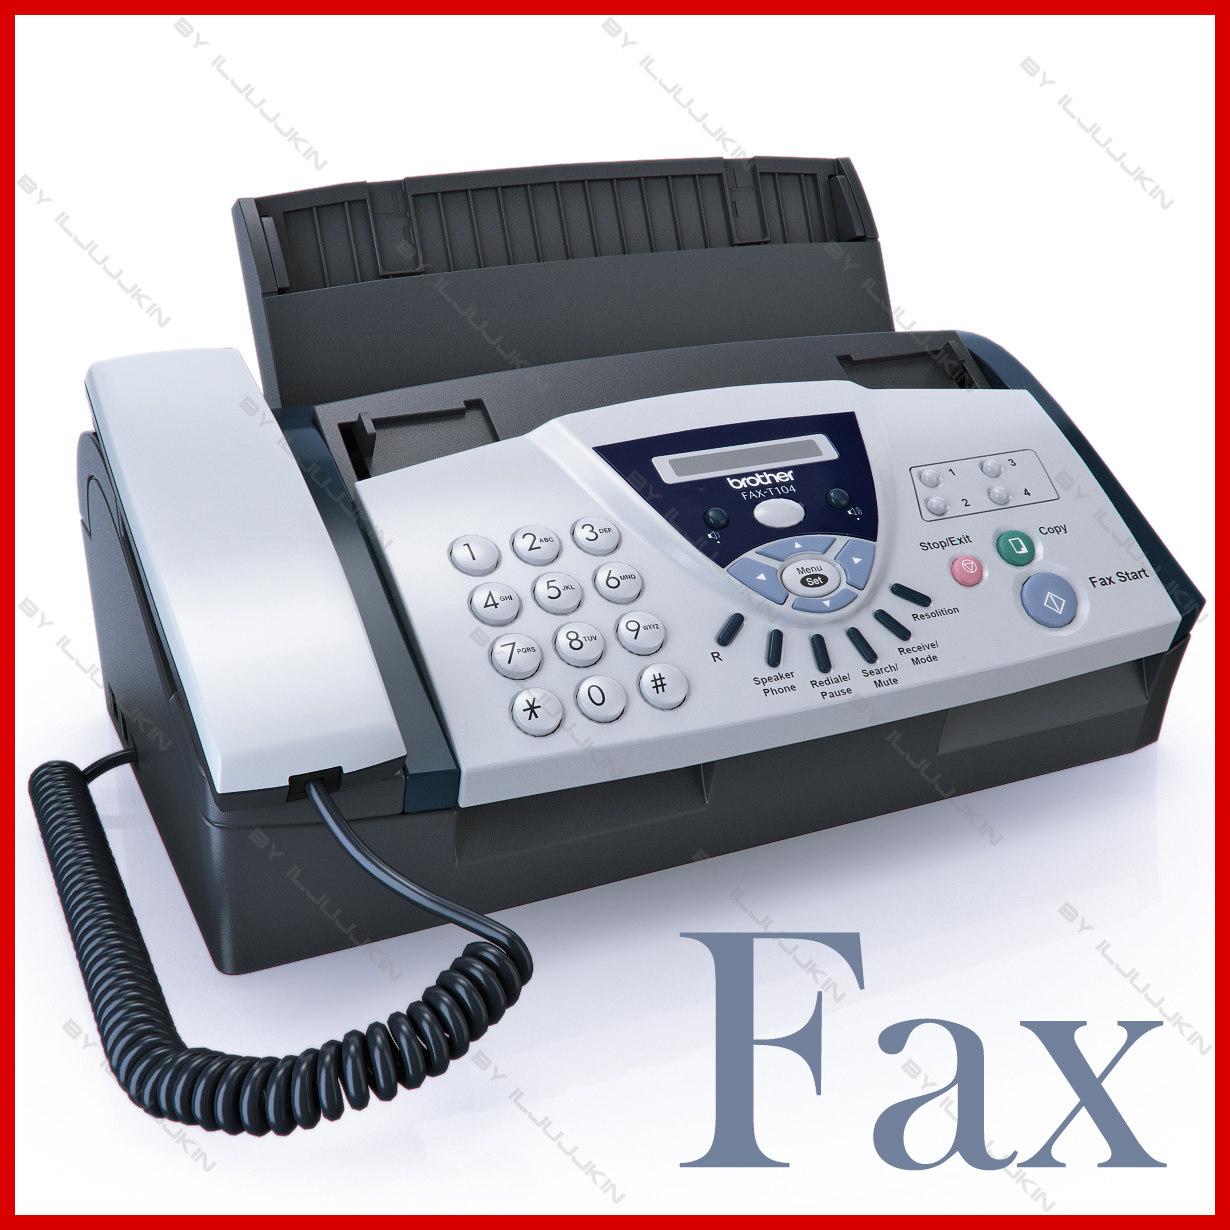 fax 3d models and textures turbosquid com